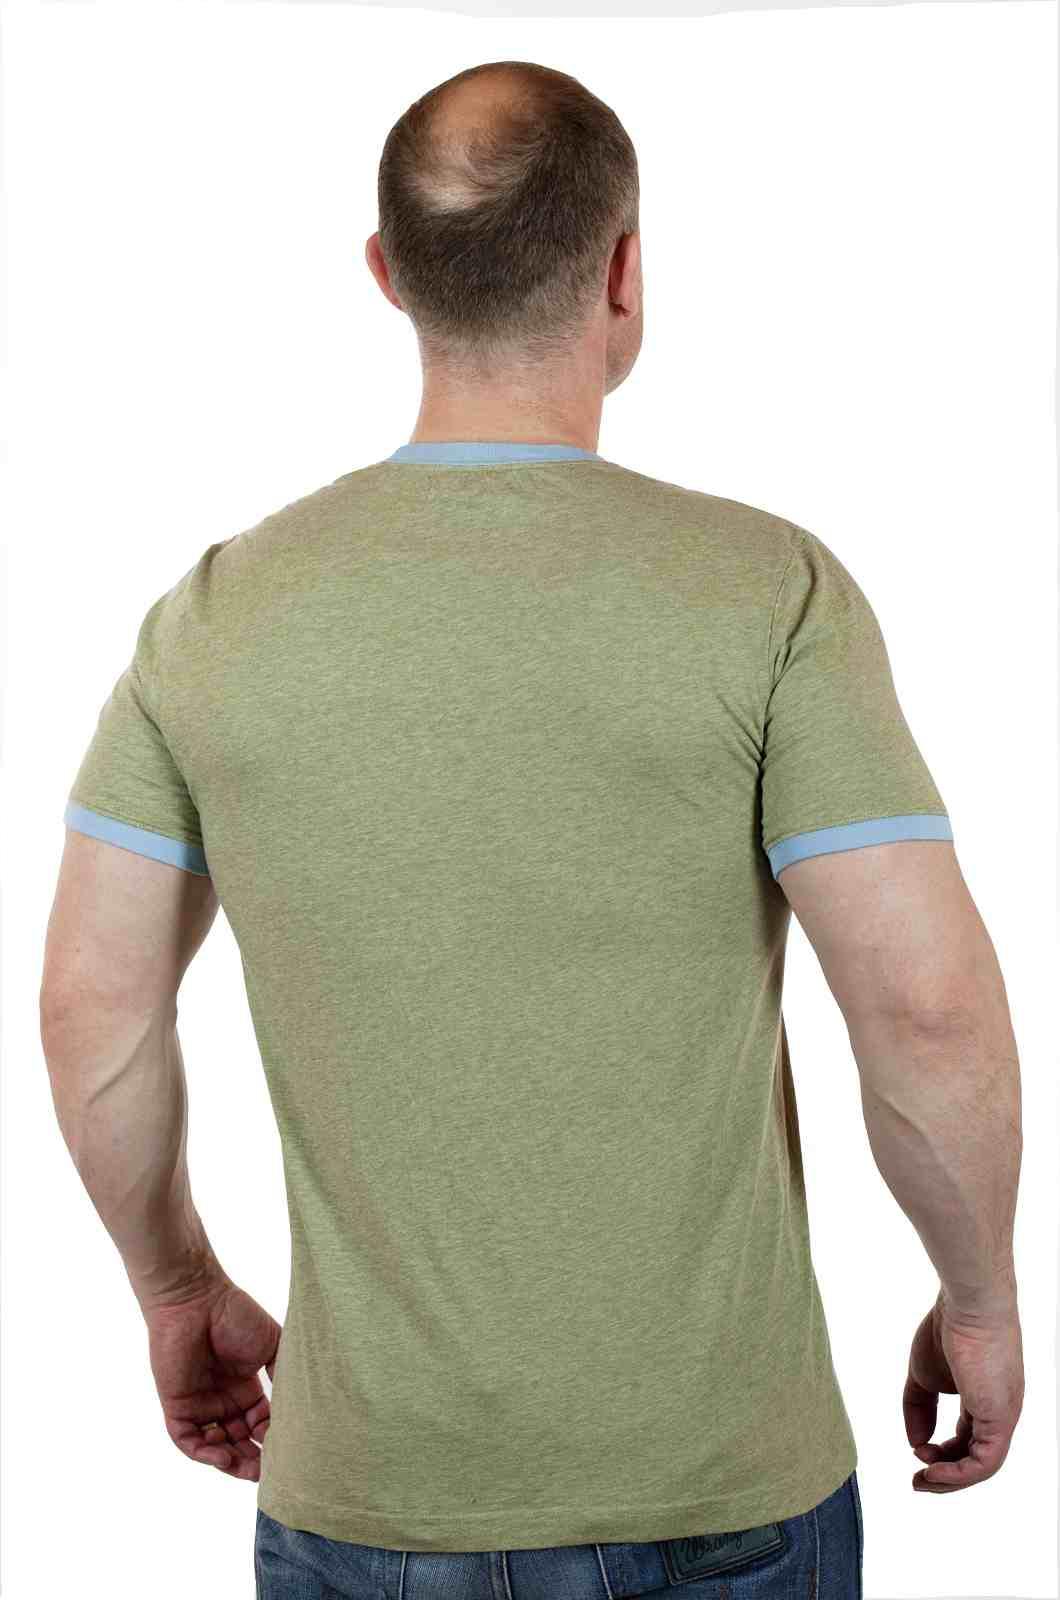 Брендовая футболка Express (США) для стильных парней-сзади